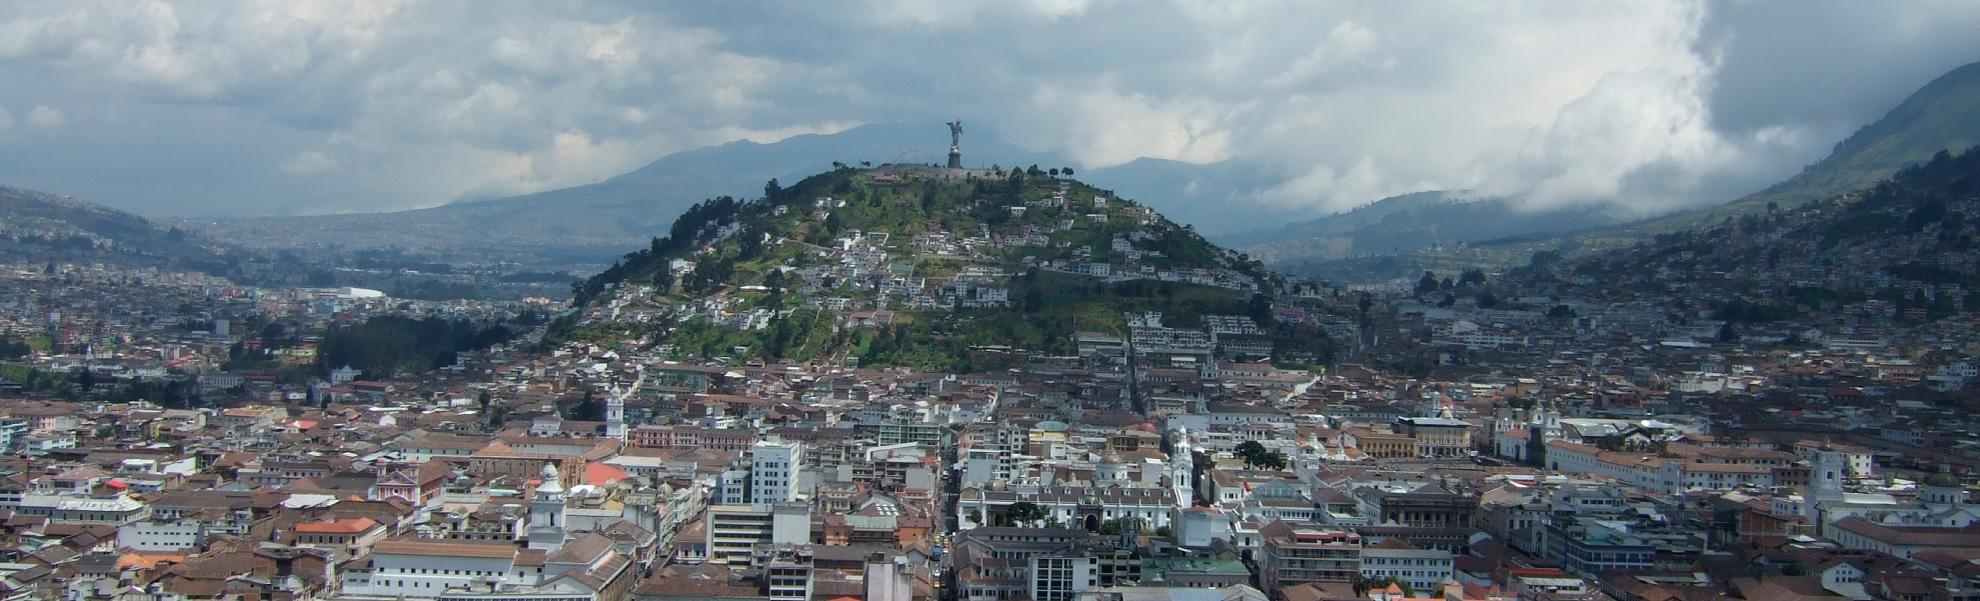 CástorRetail preparado para viajar y afincarse en Ecuador